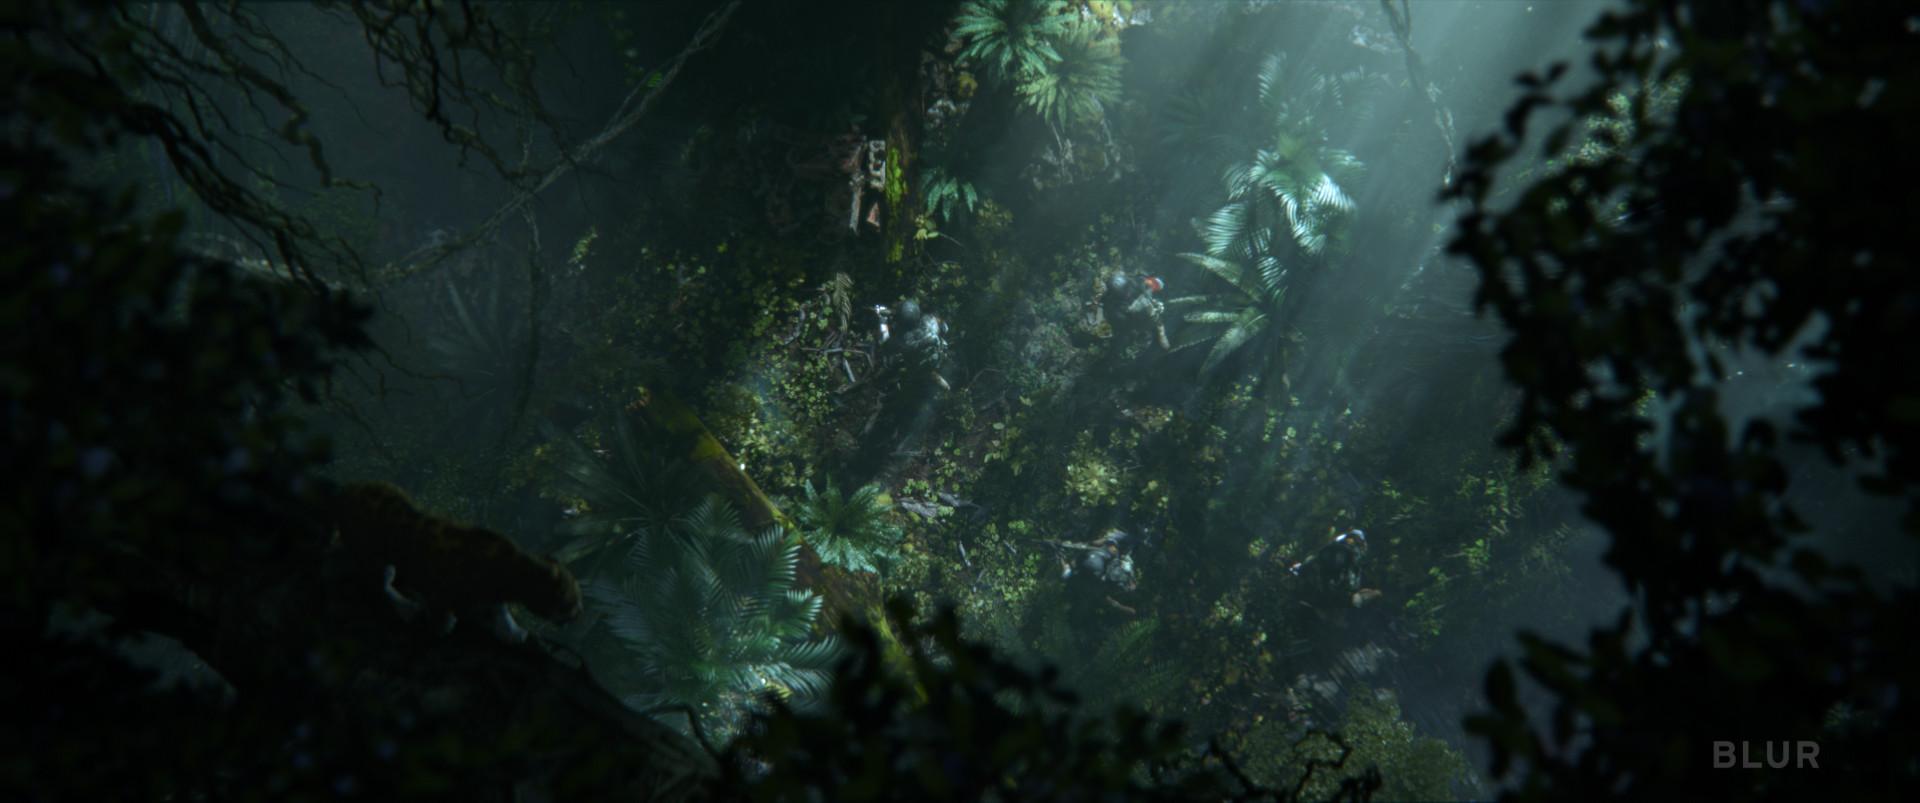 Keith beltramini jungle 008